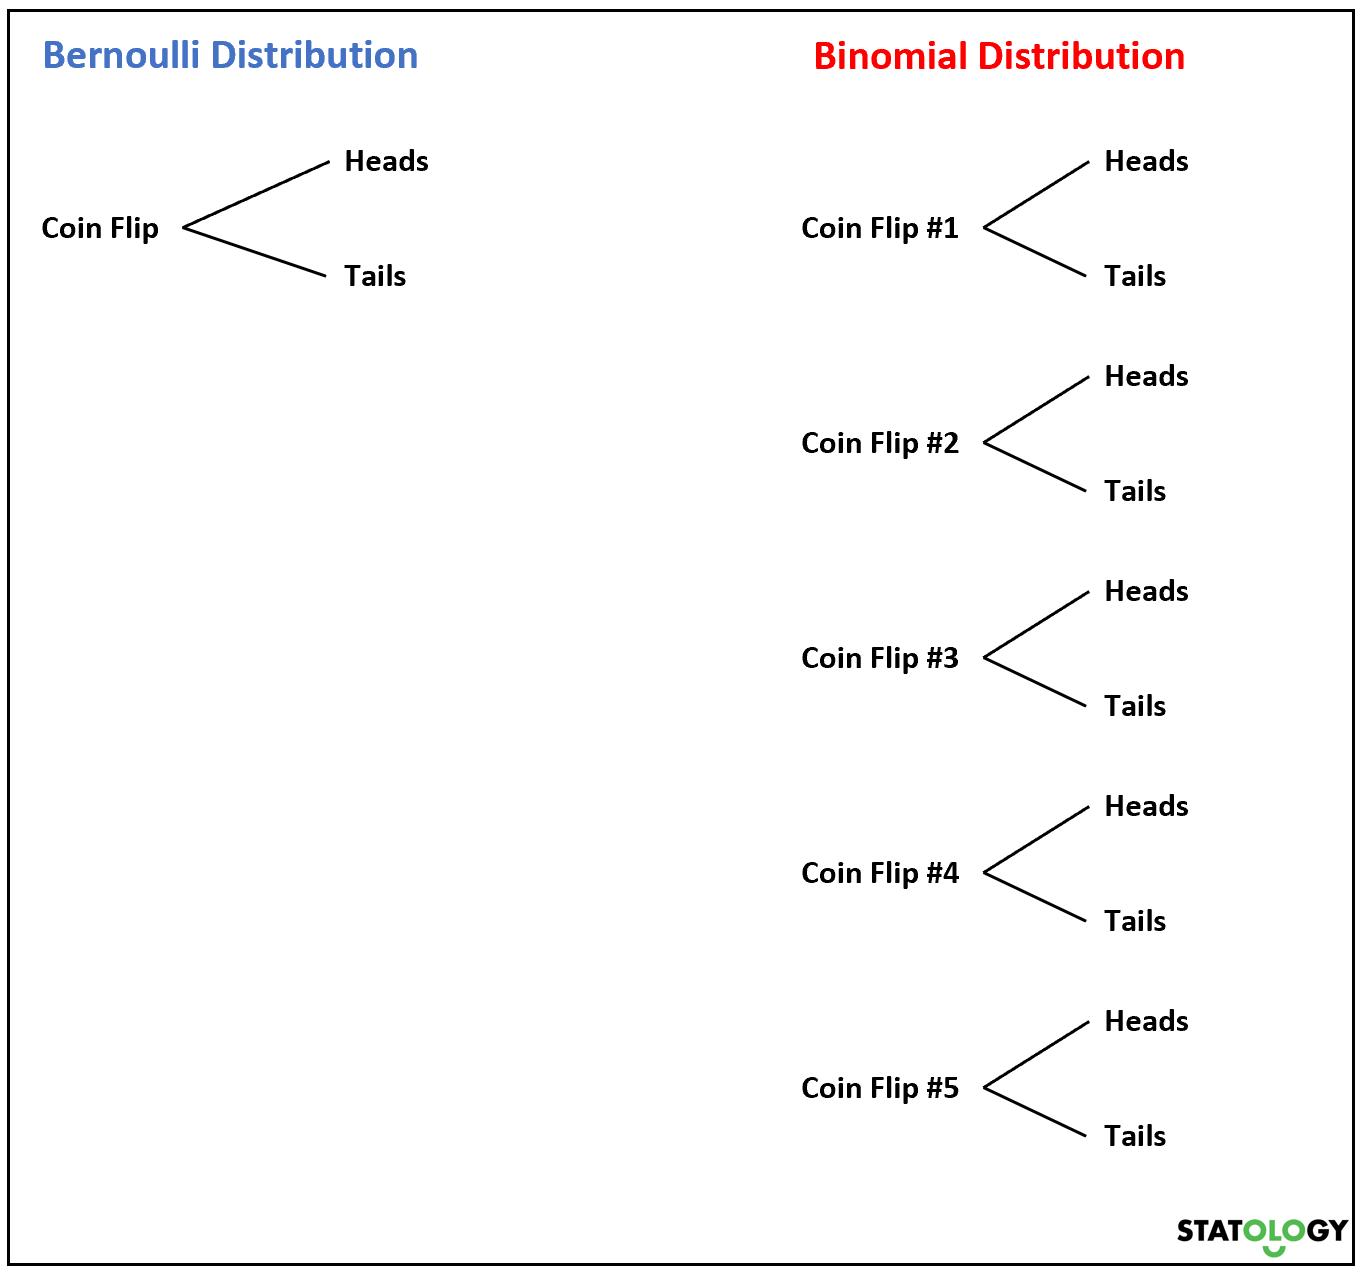 Bernoulli vs. Binomial